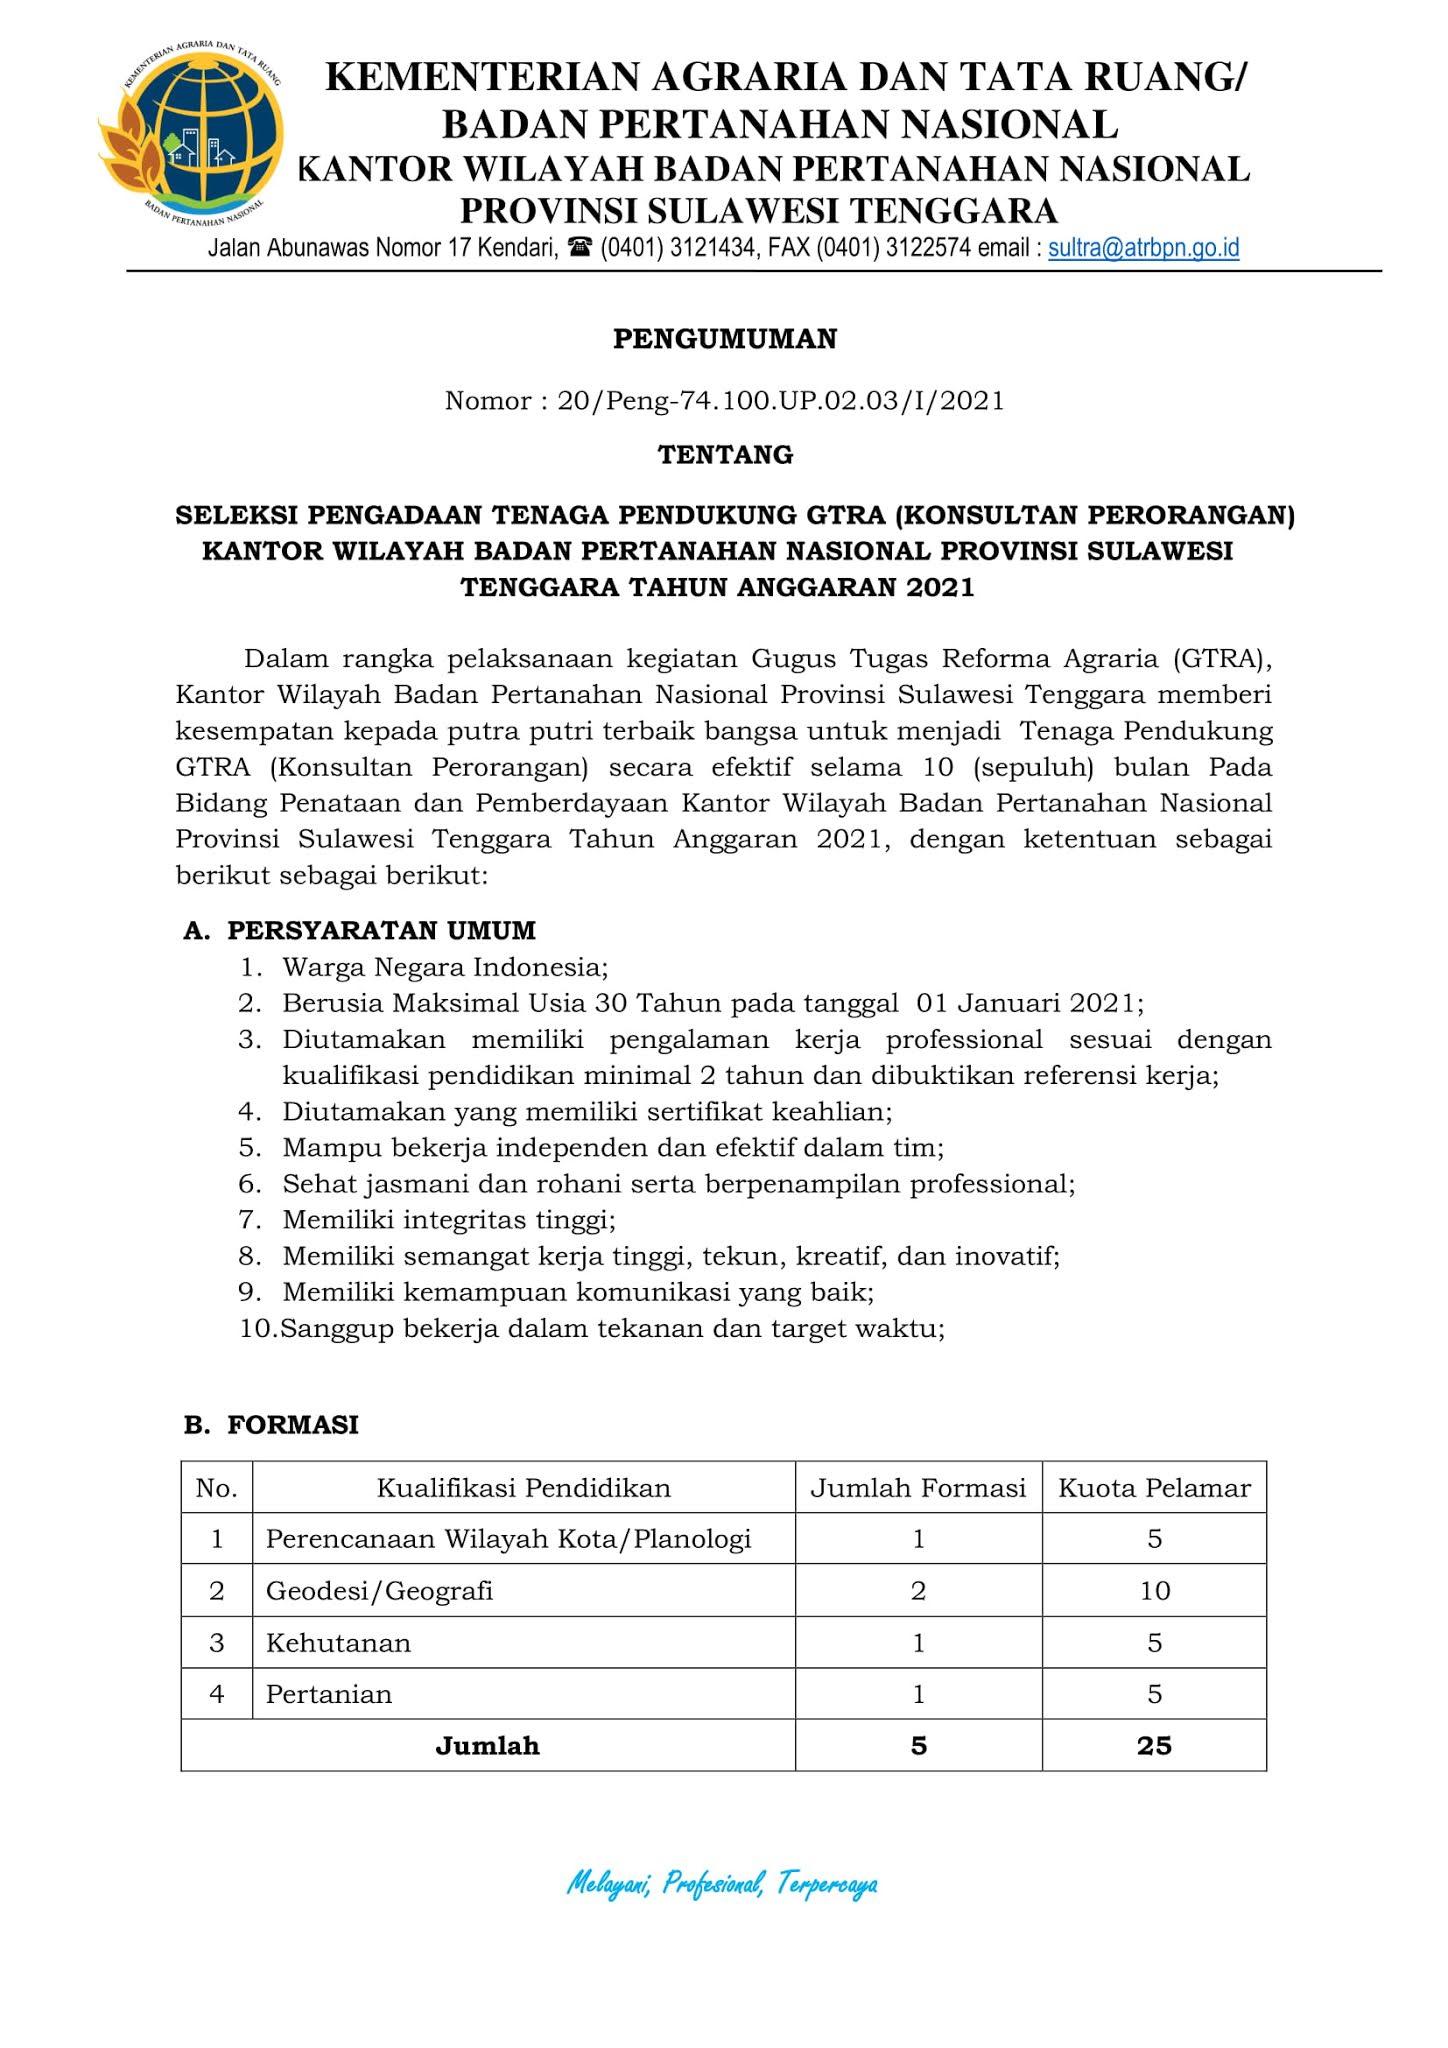 Lowongan Kerja Tenaga Pendukung Kantor Kementerian Agraria Dan Tata Ruang Januari 2021 Rekrutmen Lowongan Kerja Bulan Januari 2021